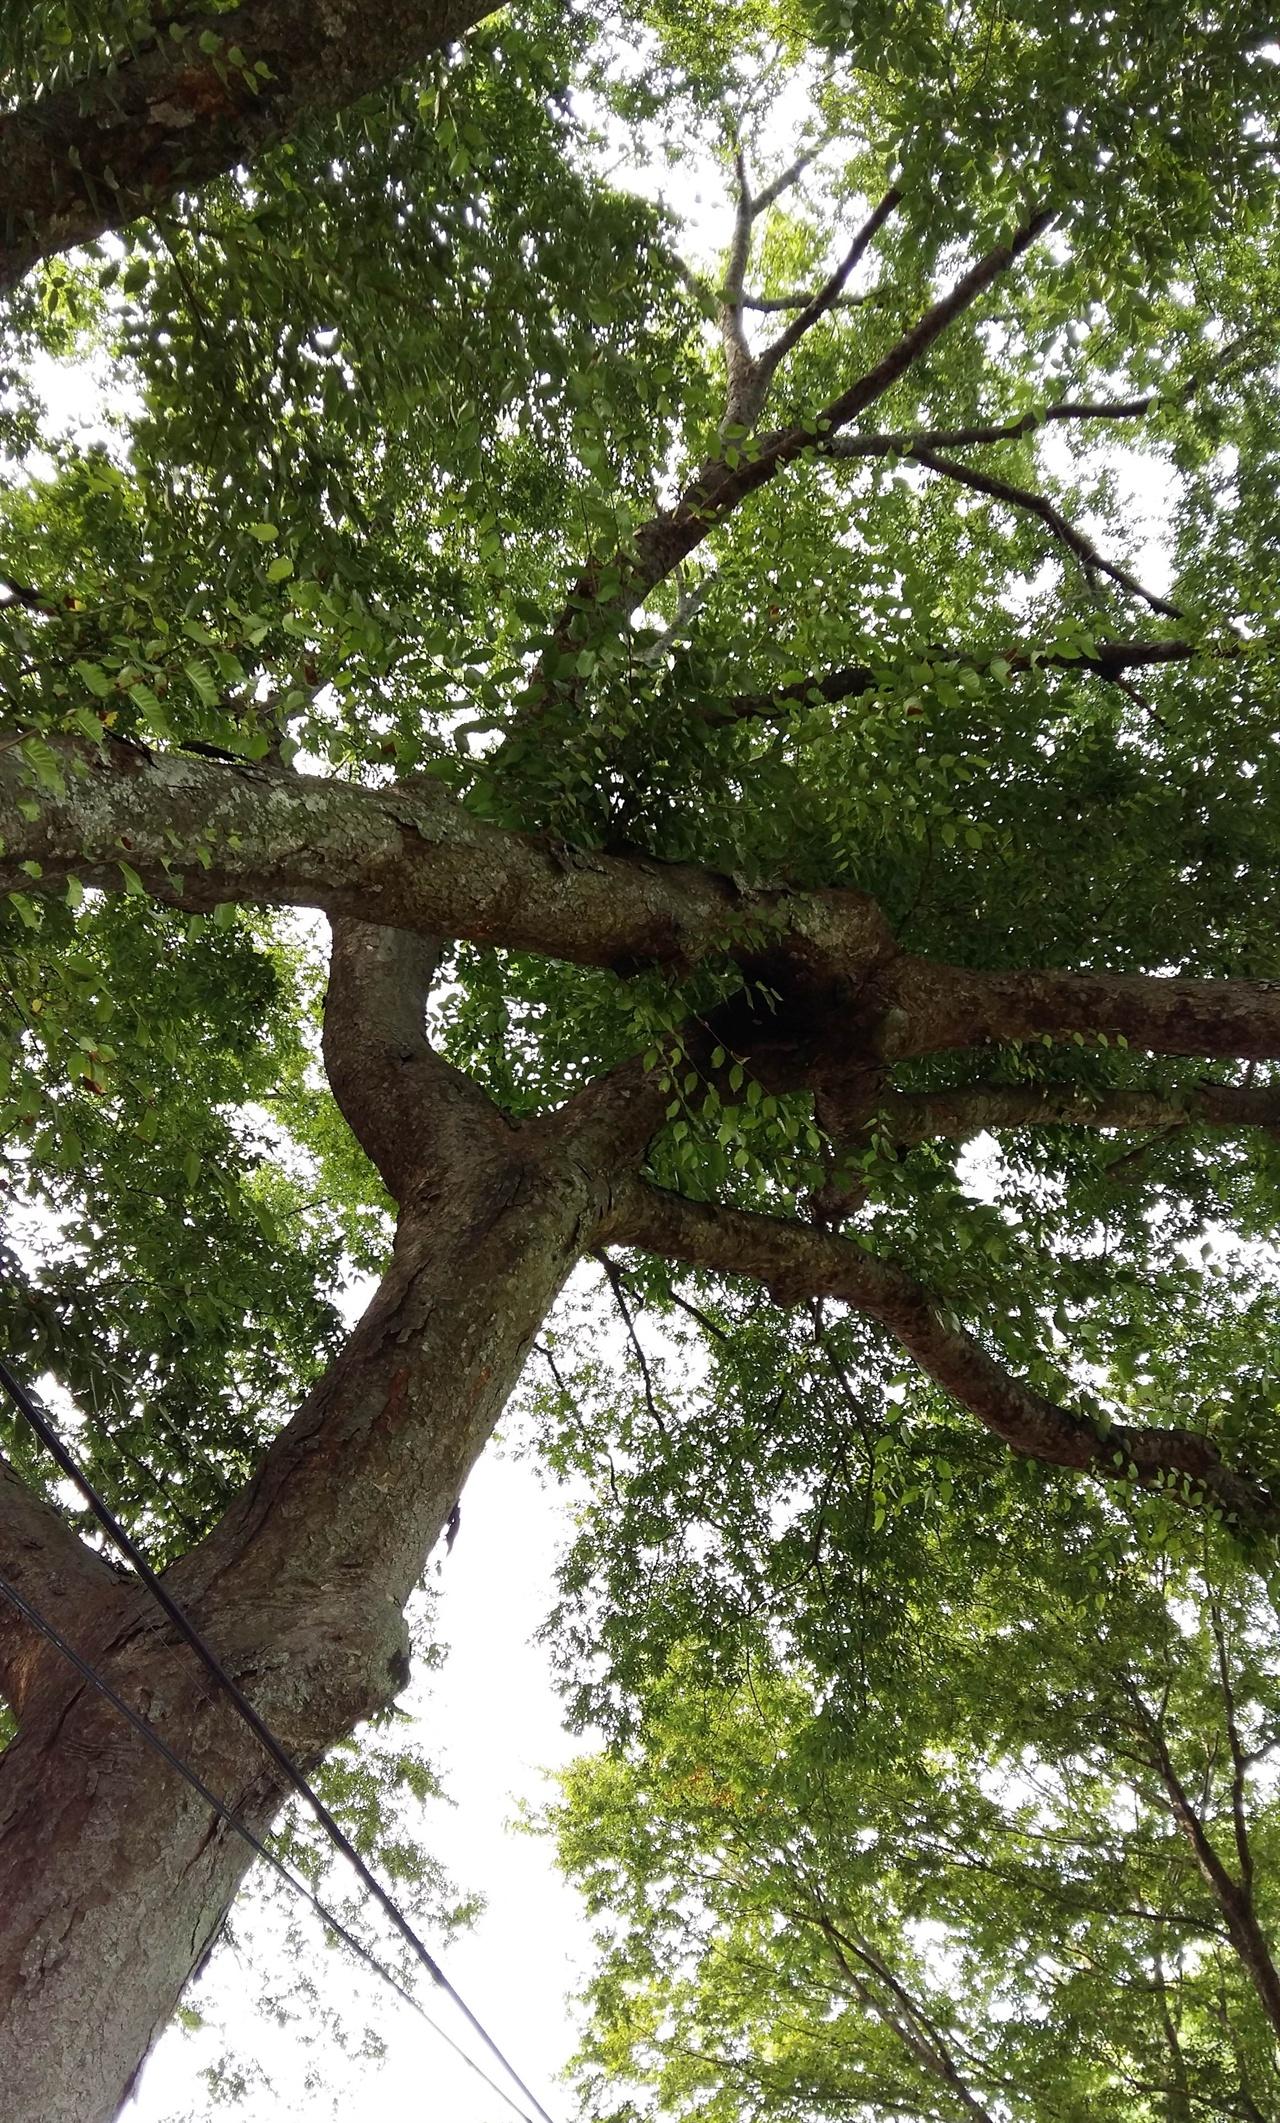 고마 마을 당산나무 연리지 연리지(連理枝 이을연·결리·나뭇가지지)는 말 그대로 뿌리가 다른 나뭇가지가 서로 엉켜 하나가 된 가지를 말한다. 고마 마을 사람들은 당산 할아버지와 할머니의 정이 깊어 하나가 되었다고 믿고 있다.